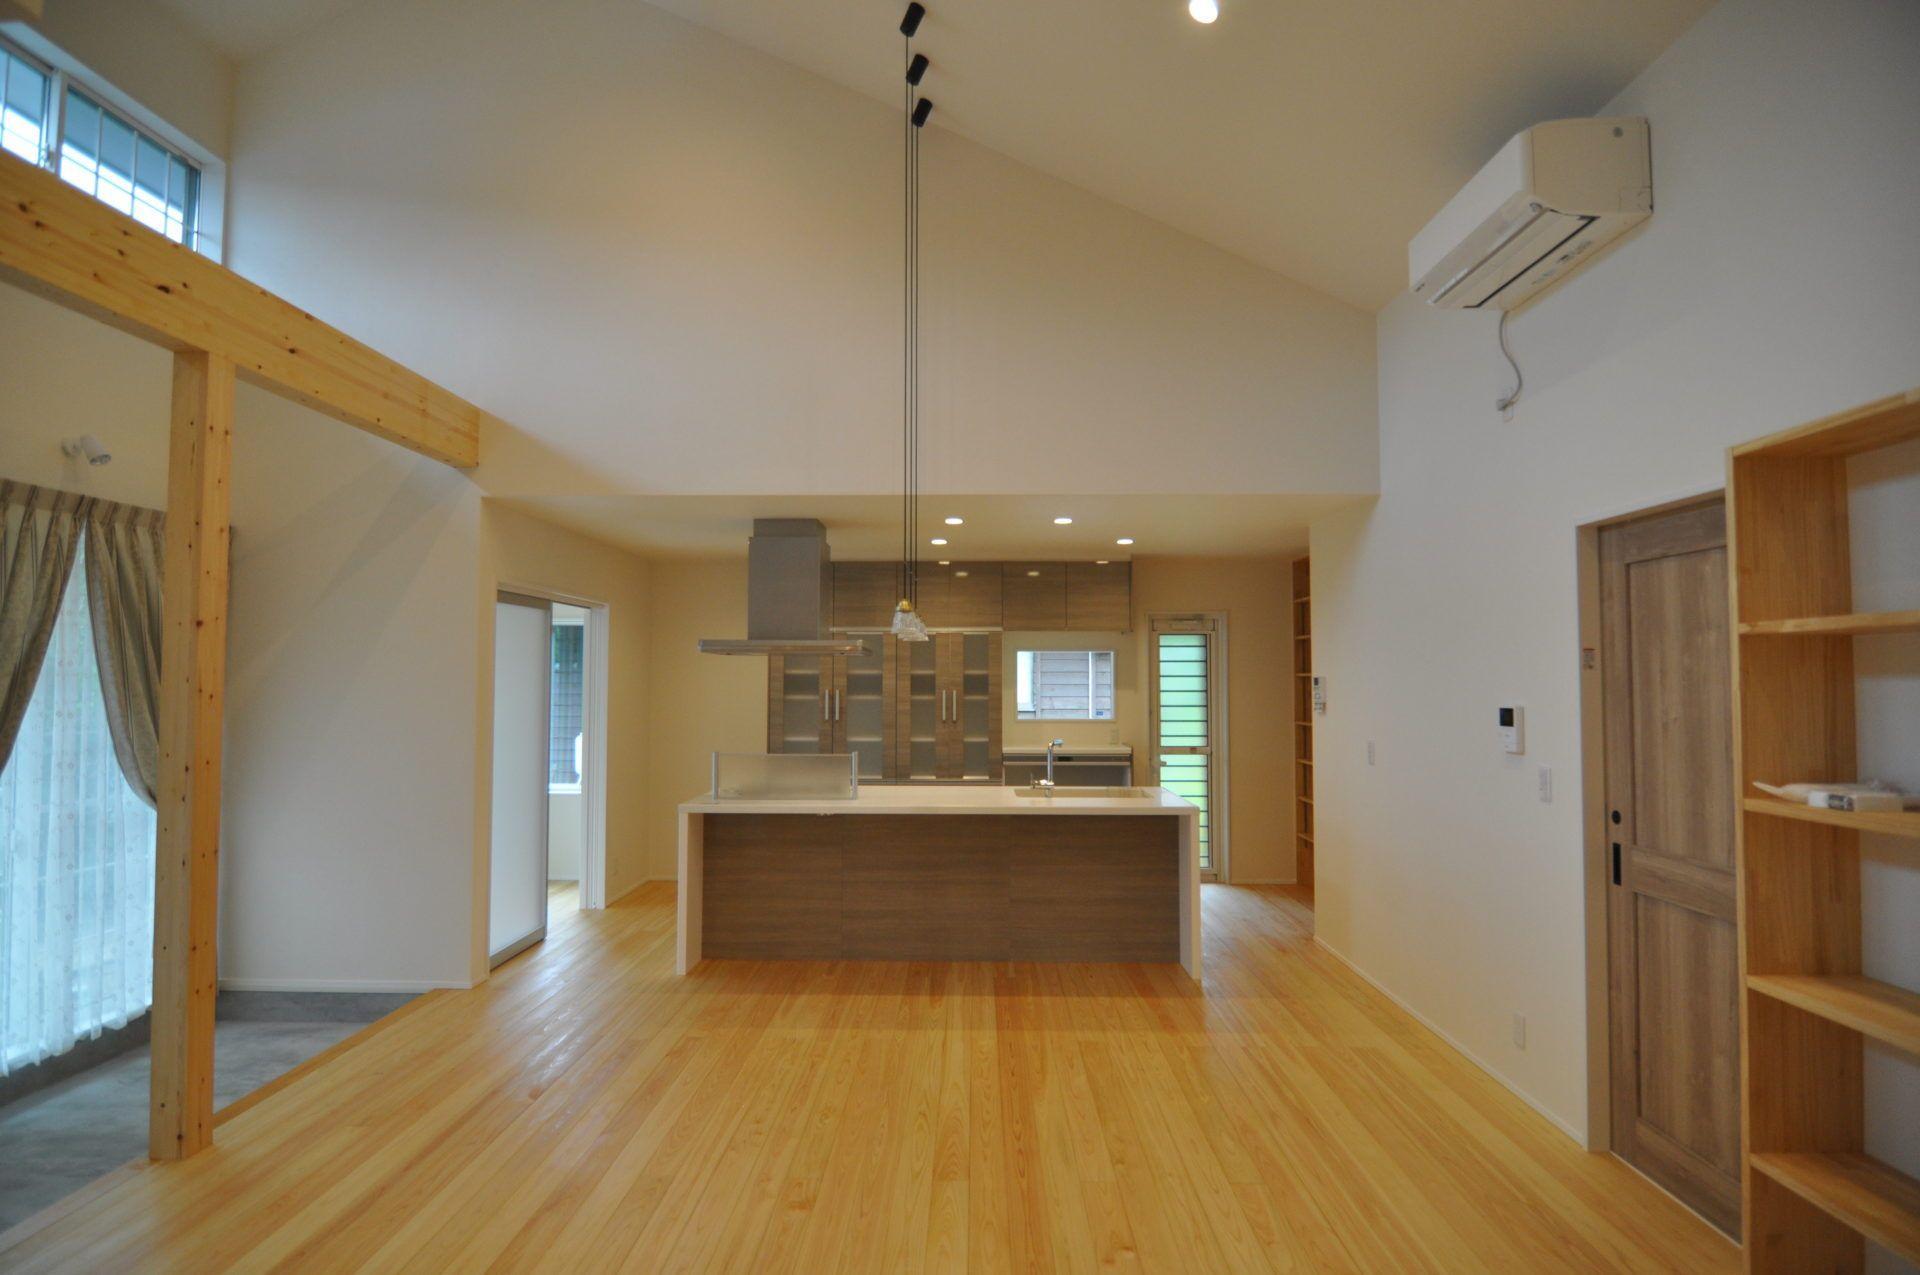 有限会社 市川建築店 1級建築士事務所「三条市 I様邸」のシンプル・ナチュラル・モダン・北欧風なキッチンの実例写真